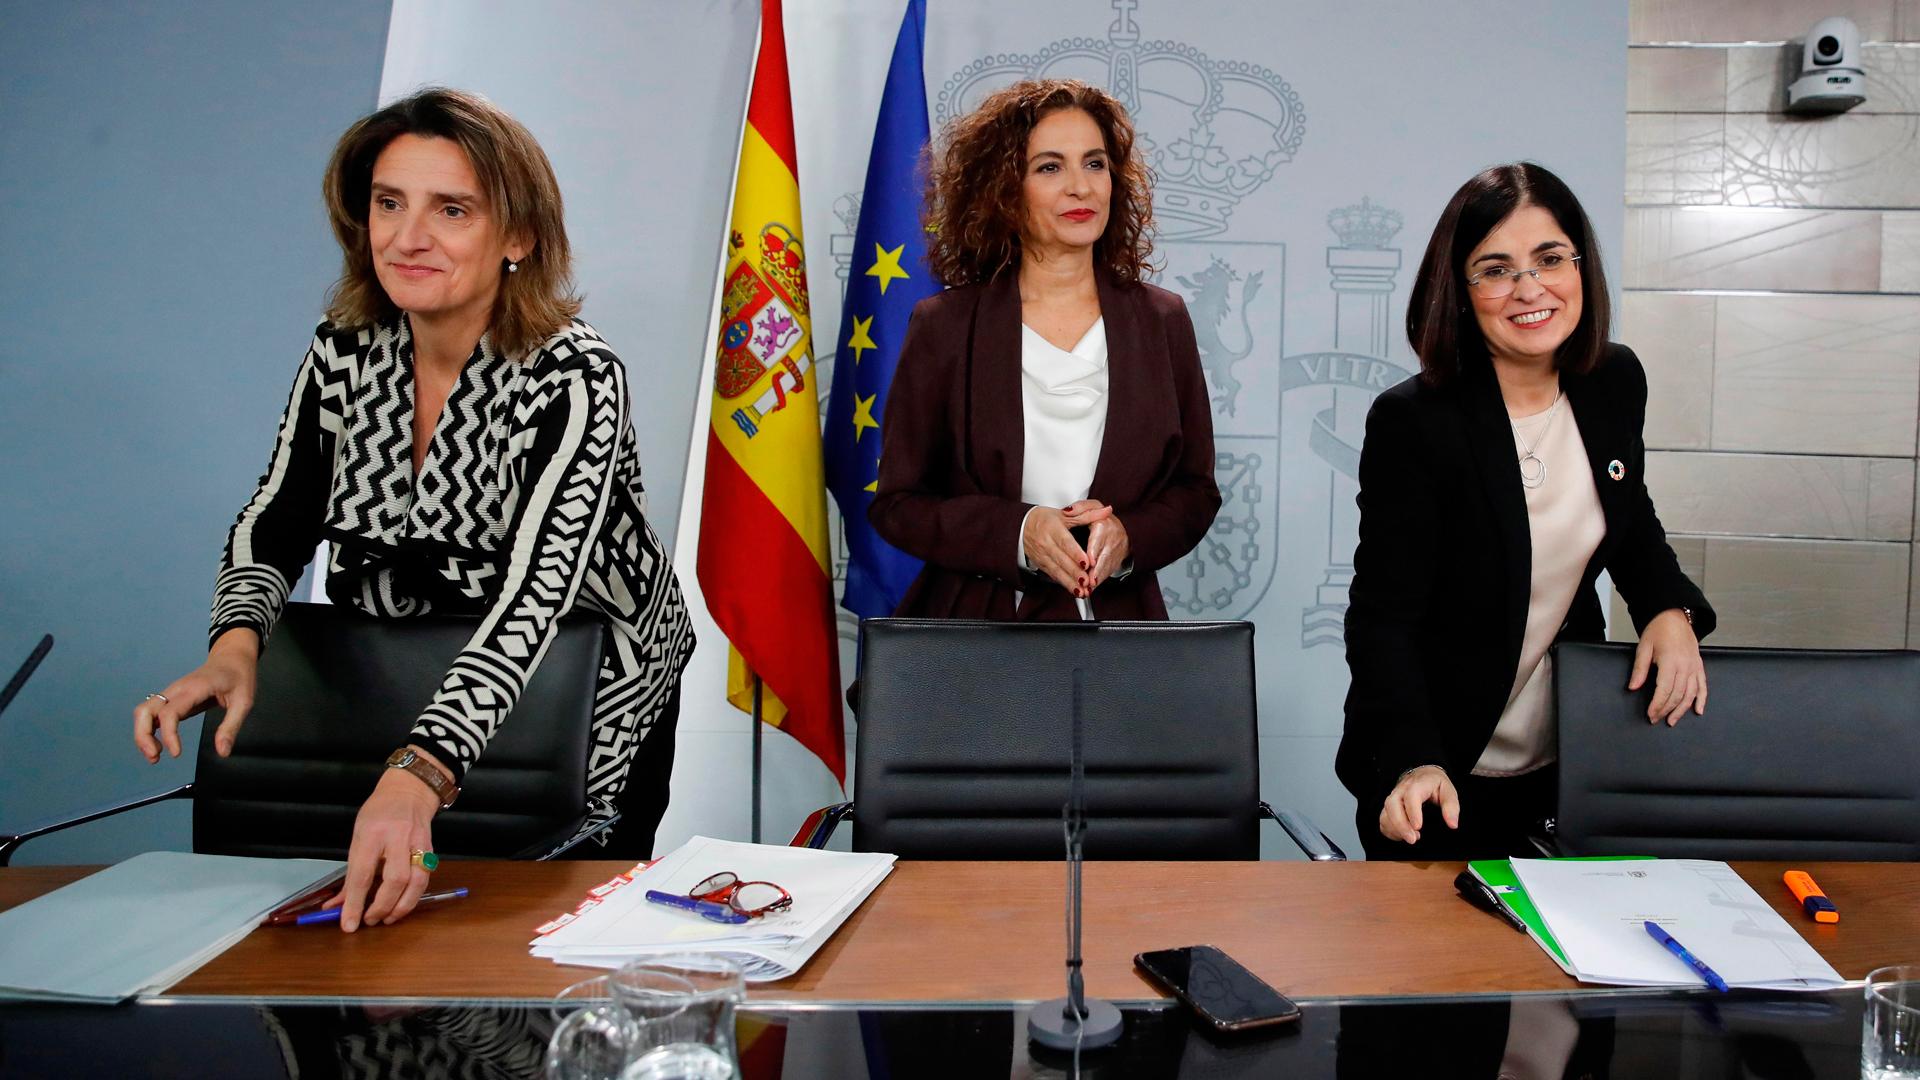 El Gobierno declara la emergencia climática en España: ¿qué supone esta decisión?